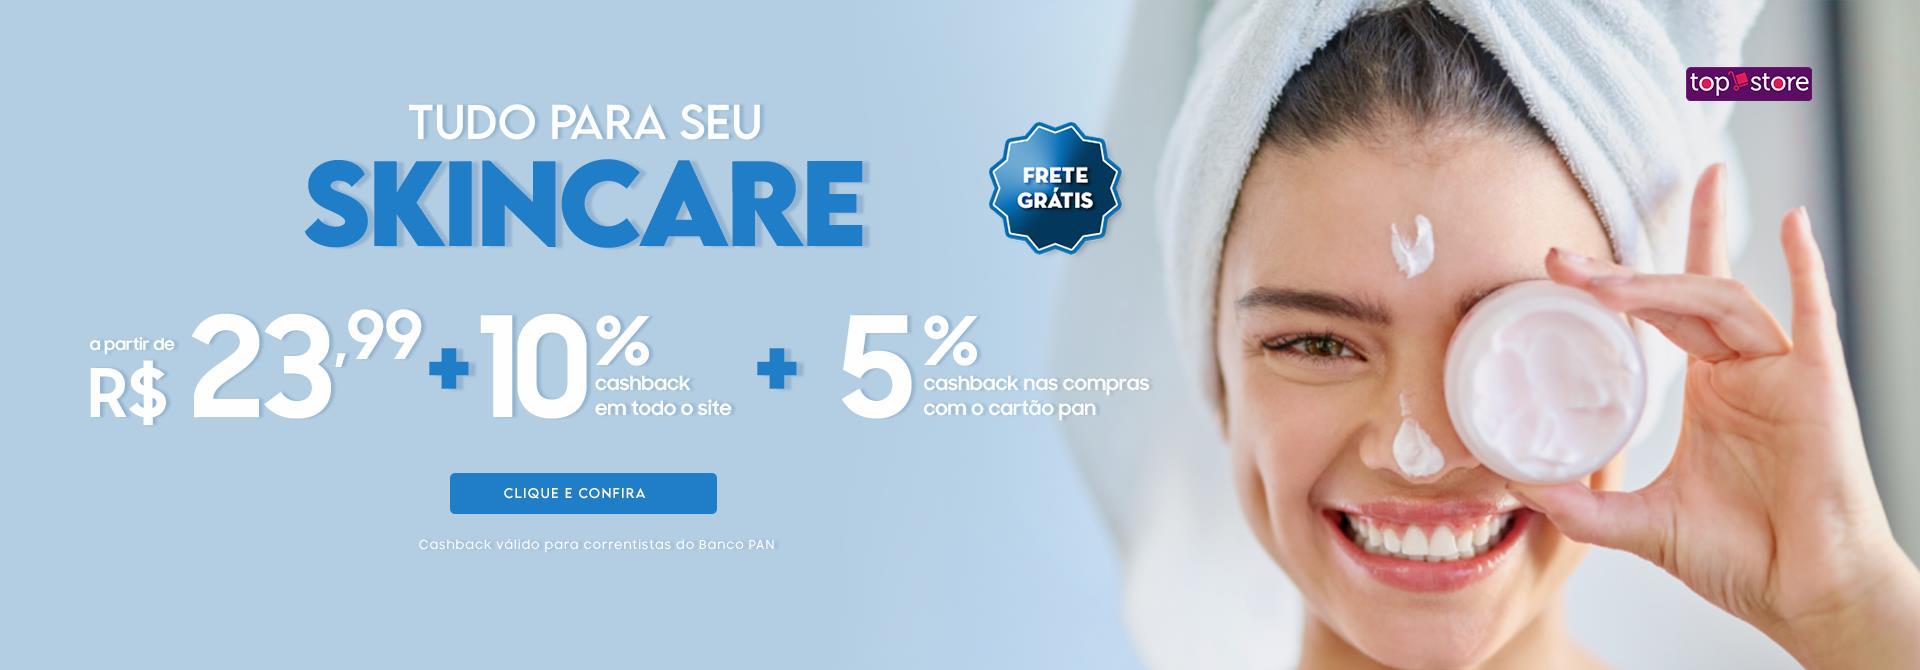 Skincare a partir de R$23,99